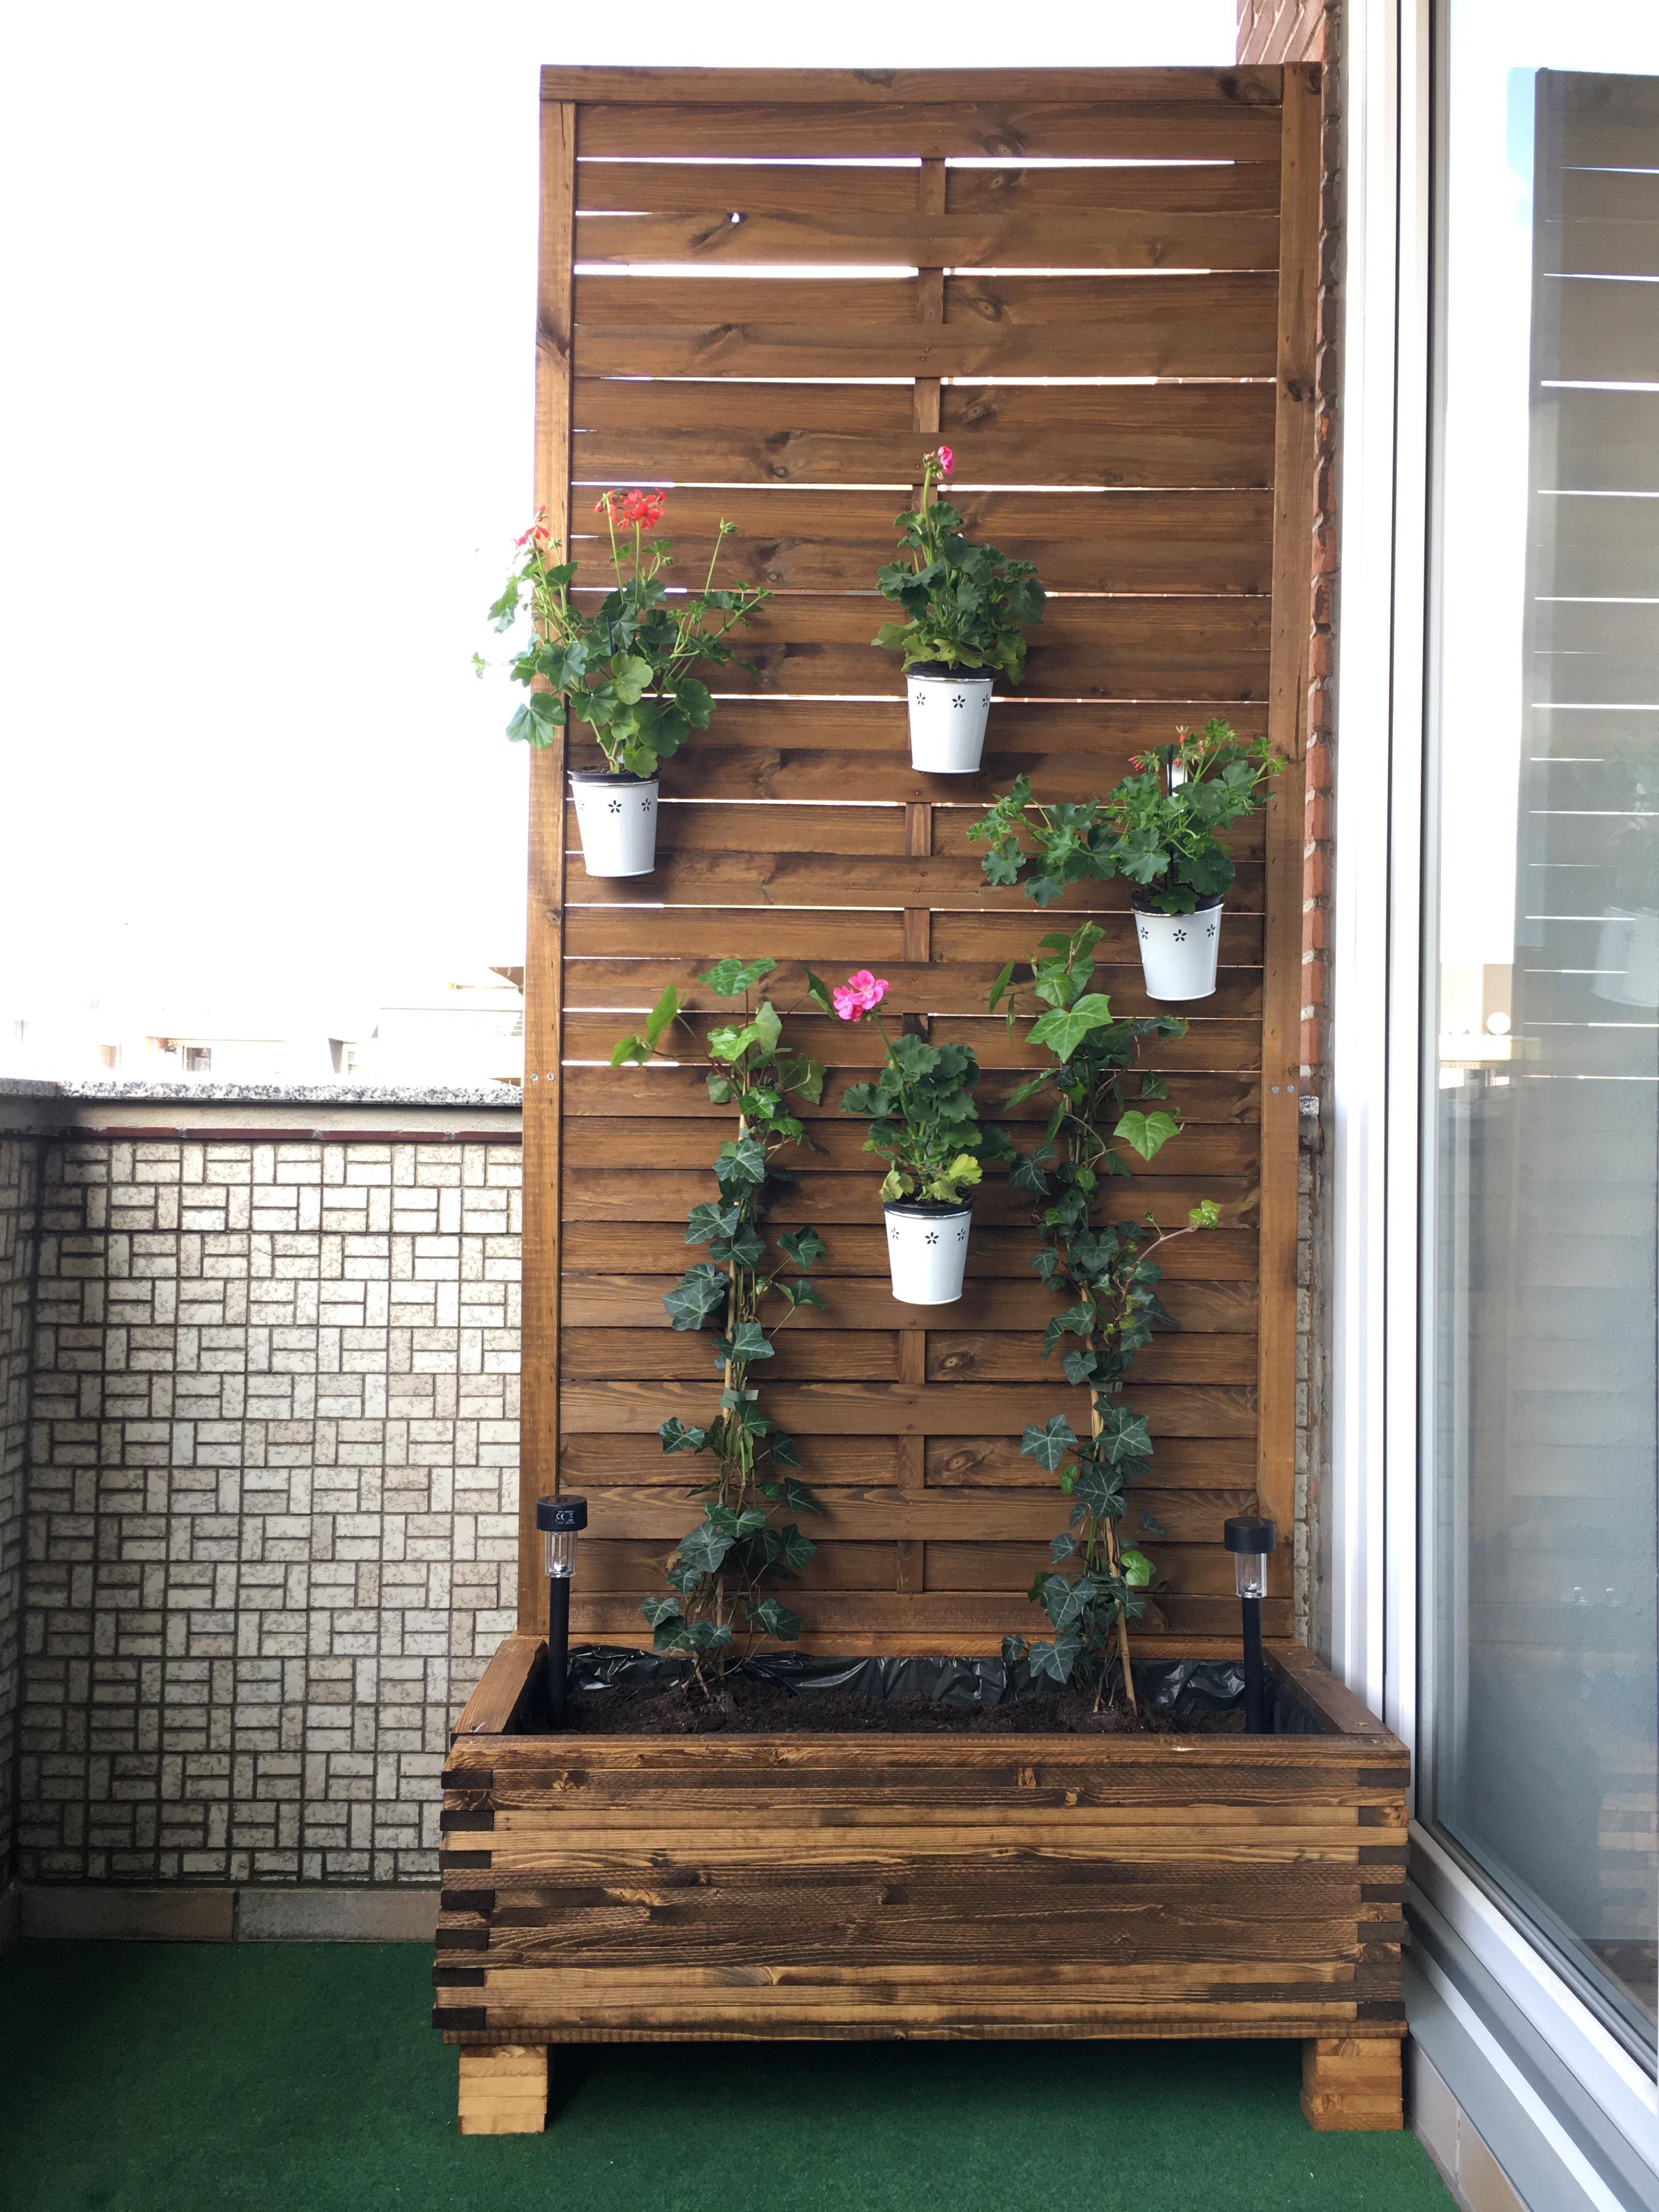 Sichtschutz für den Balkon selber machen